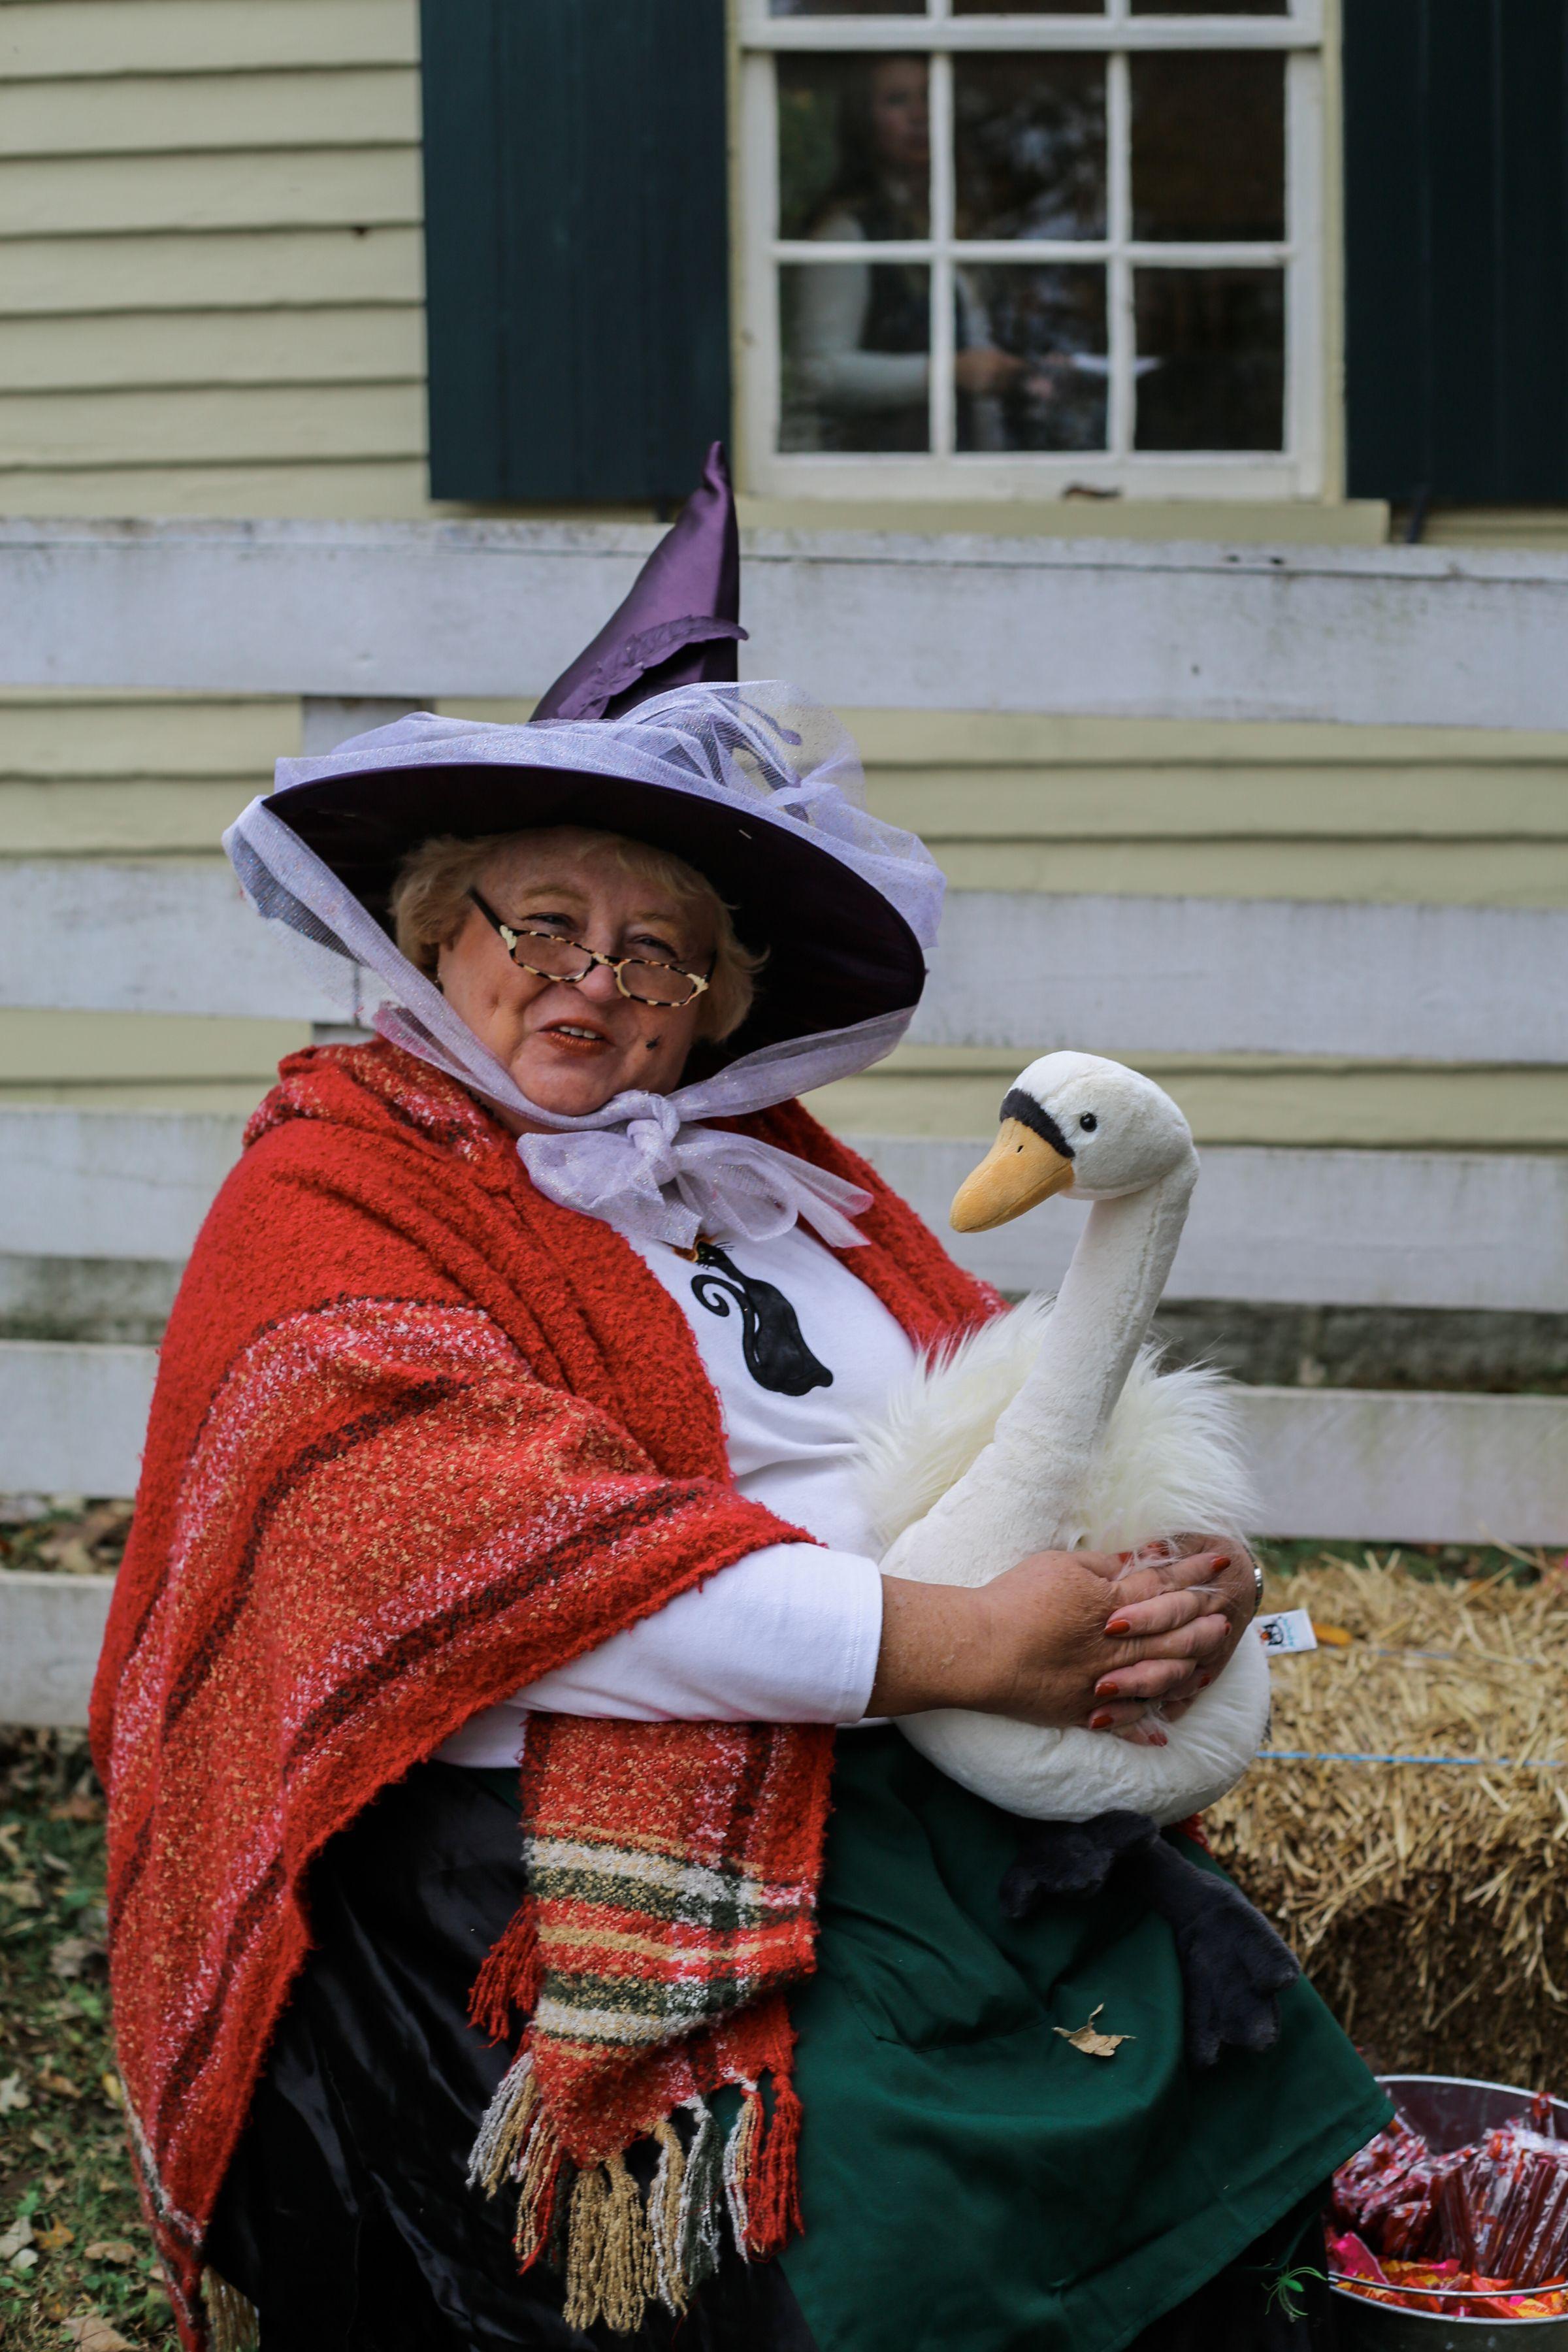 Halloween at Shaker Village, Harrodsburg KY mothergoose